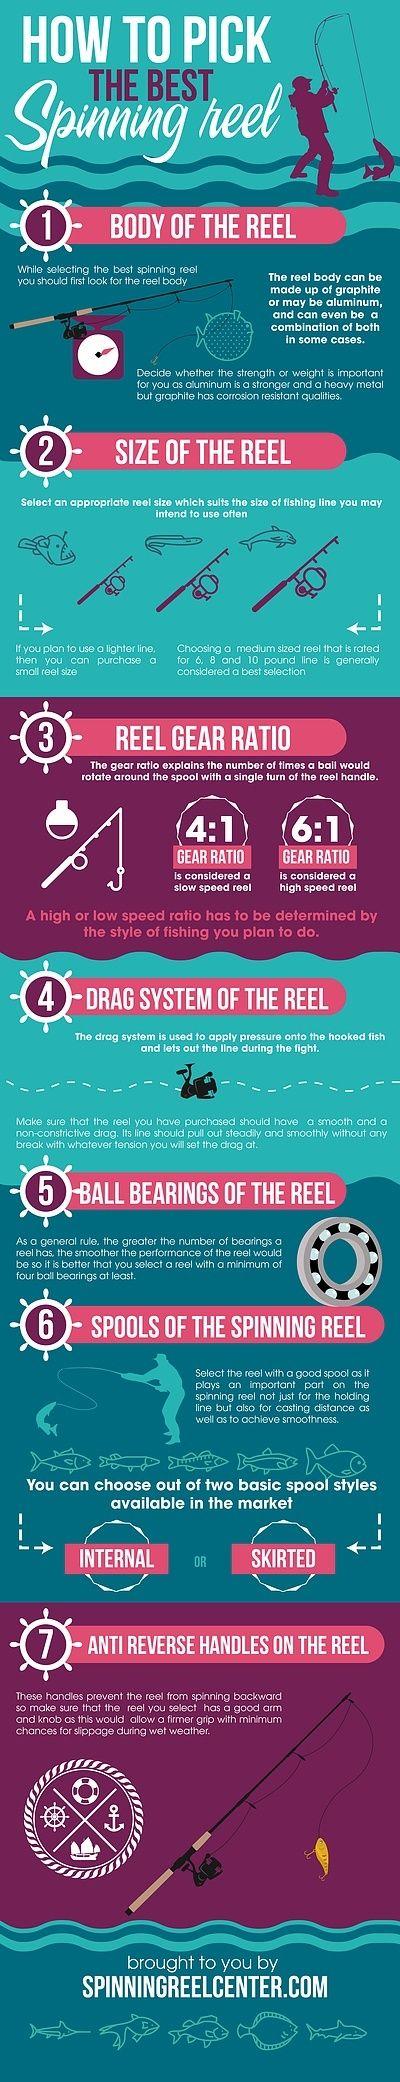 Best Spinning Reel Reviews 2016 - Top Best Fishing Reels